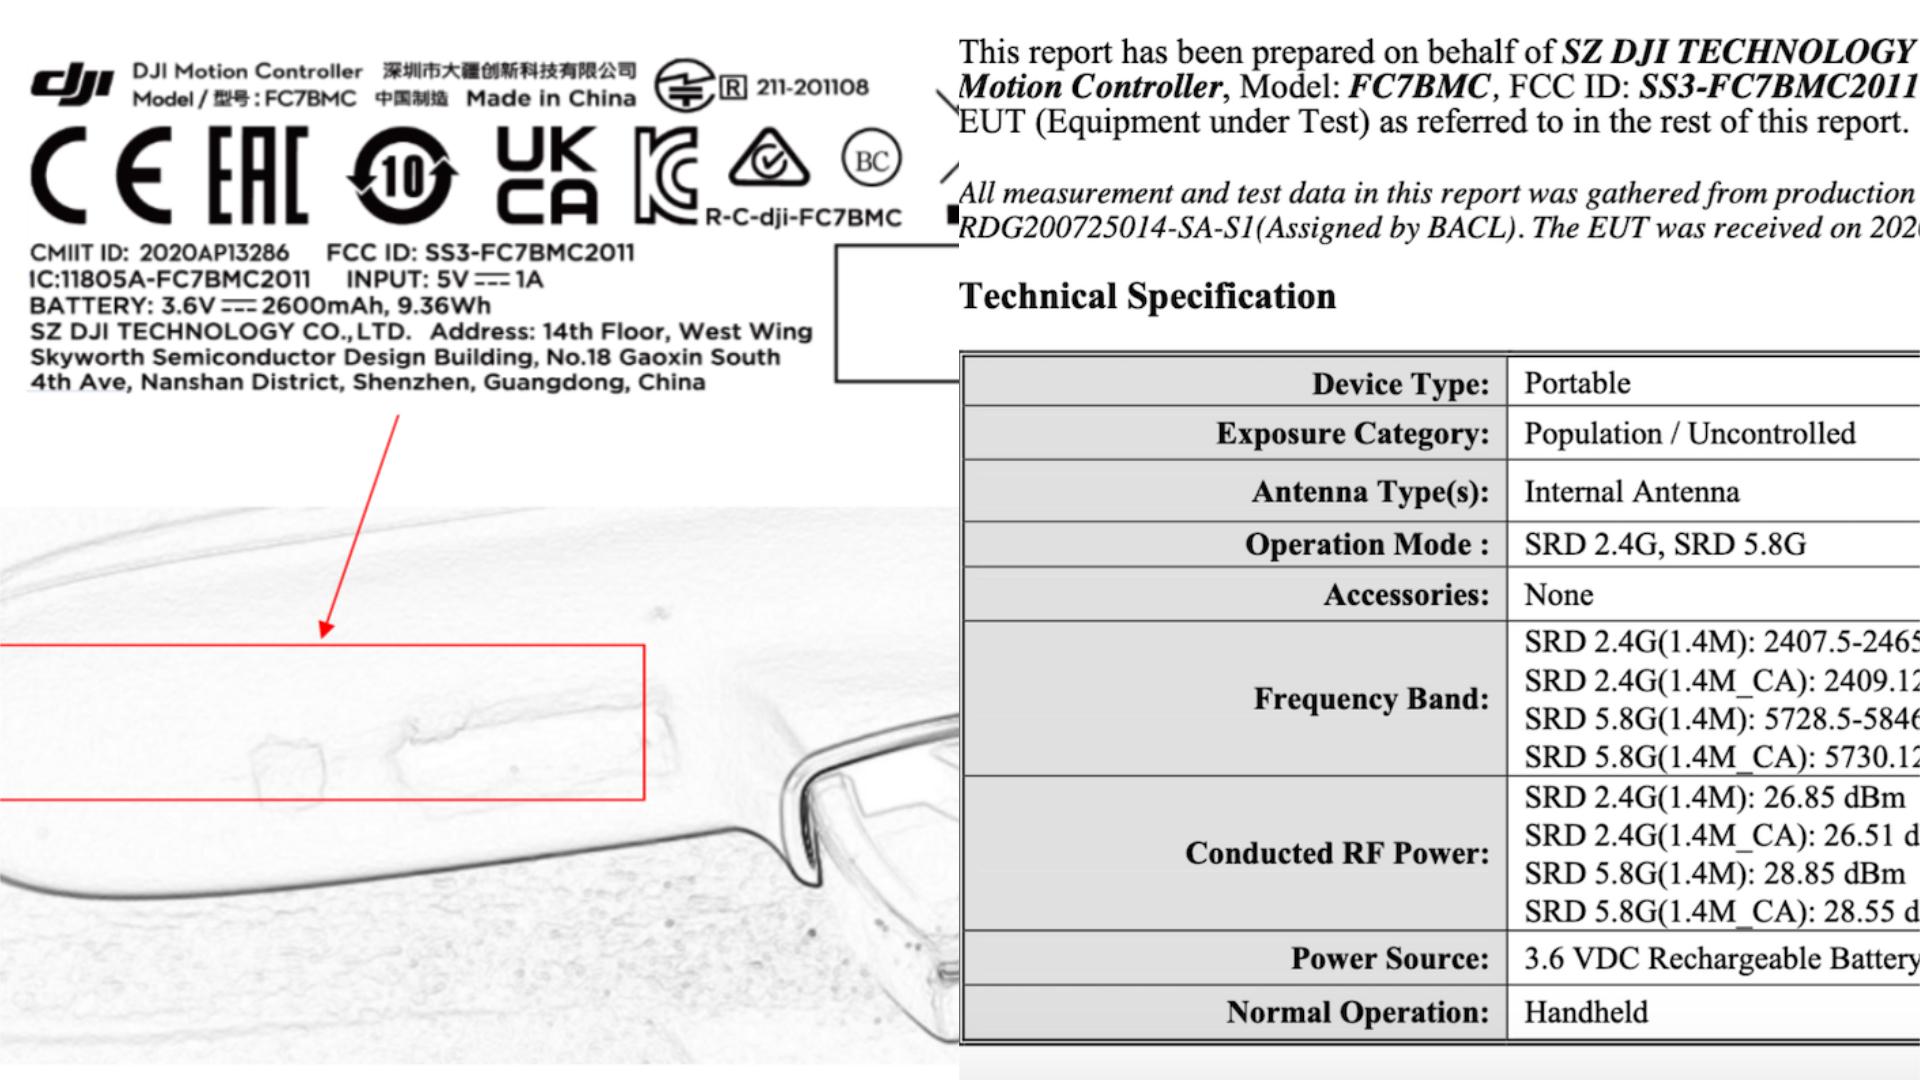 DJI 又有新產品提交 FCC 文件 原是這款遙控器